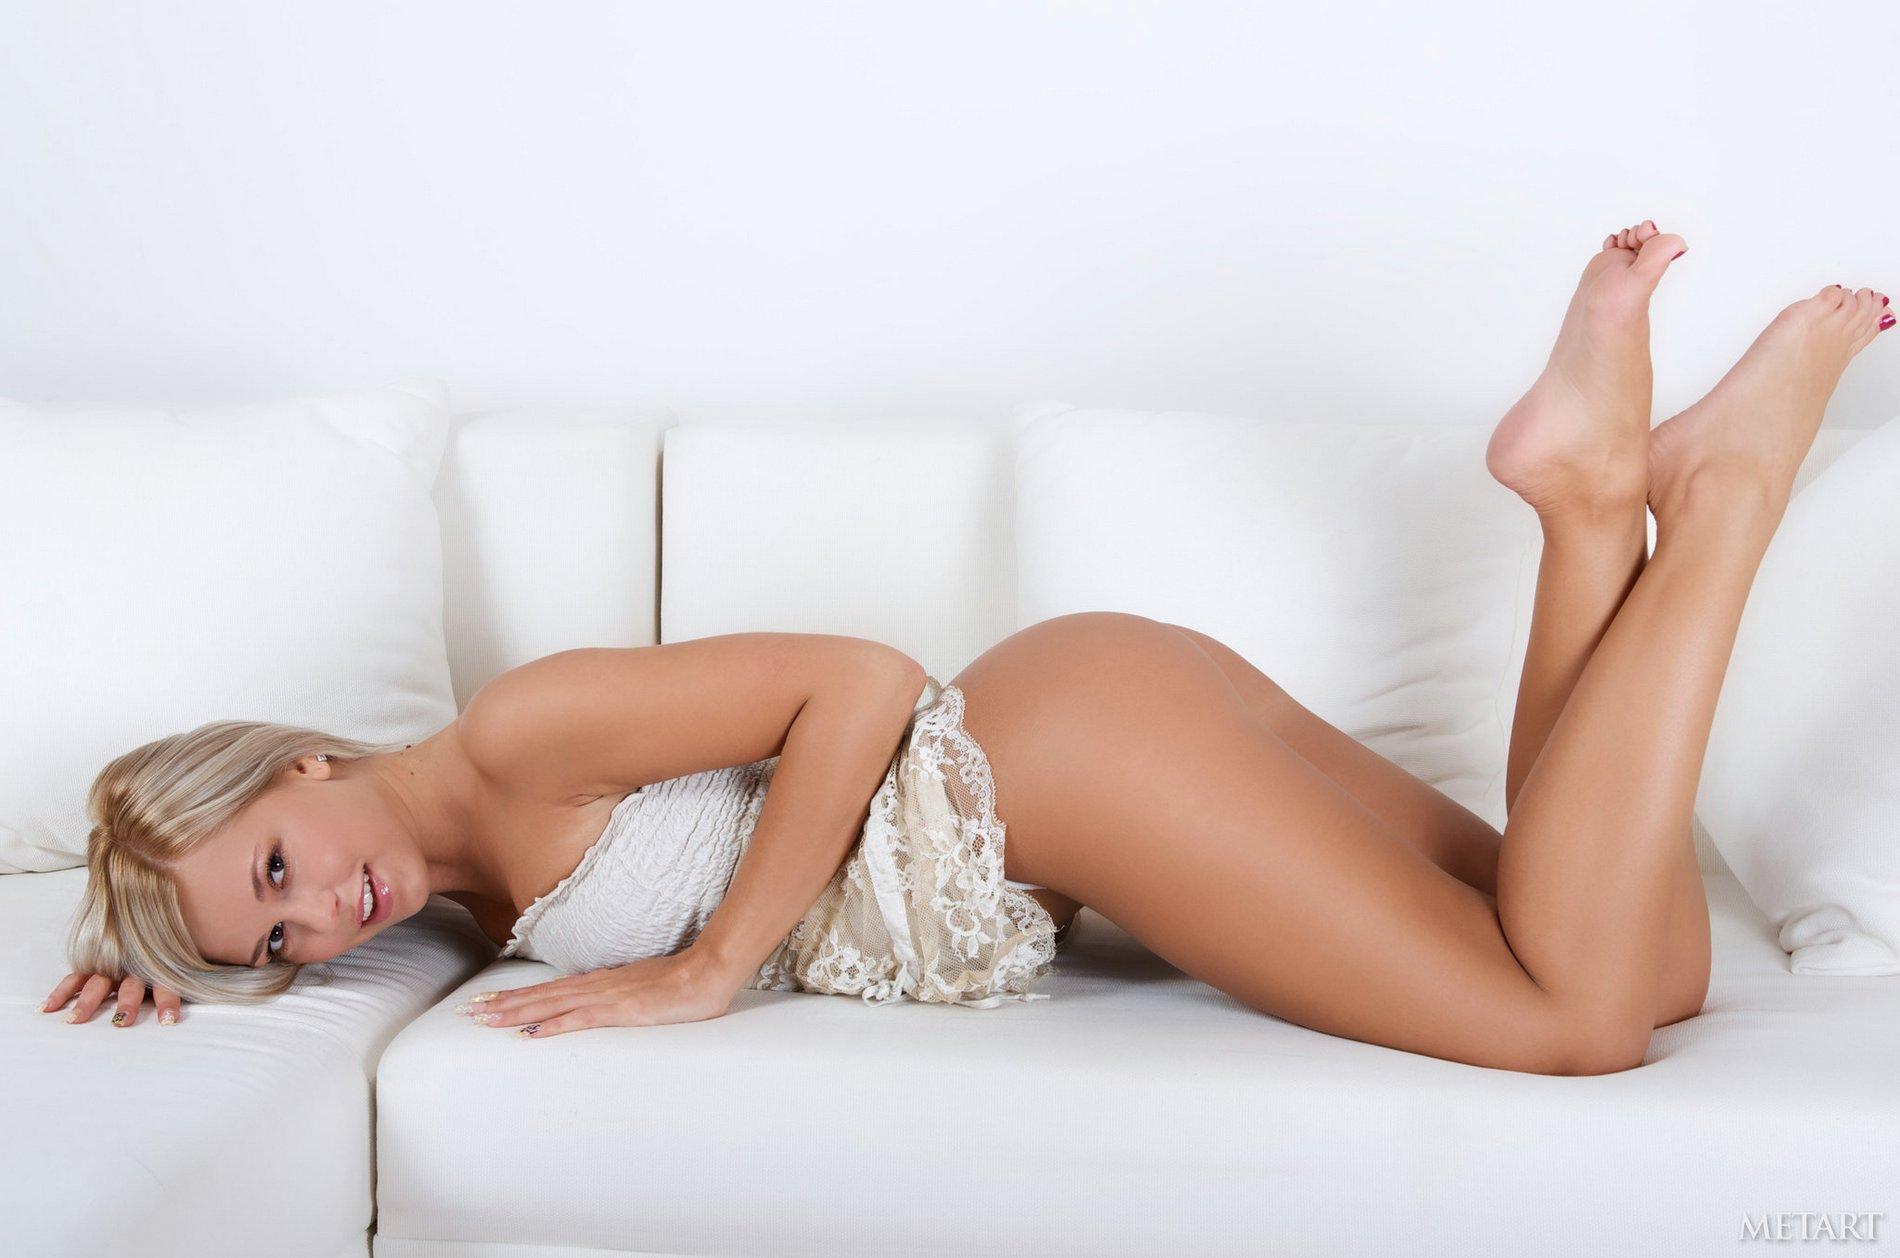 sexy fuck virgin image